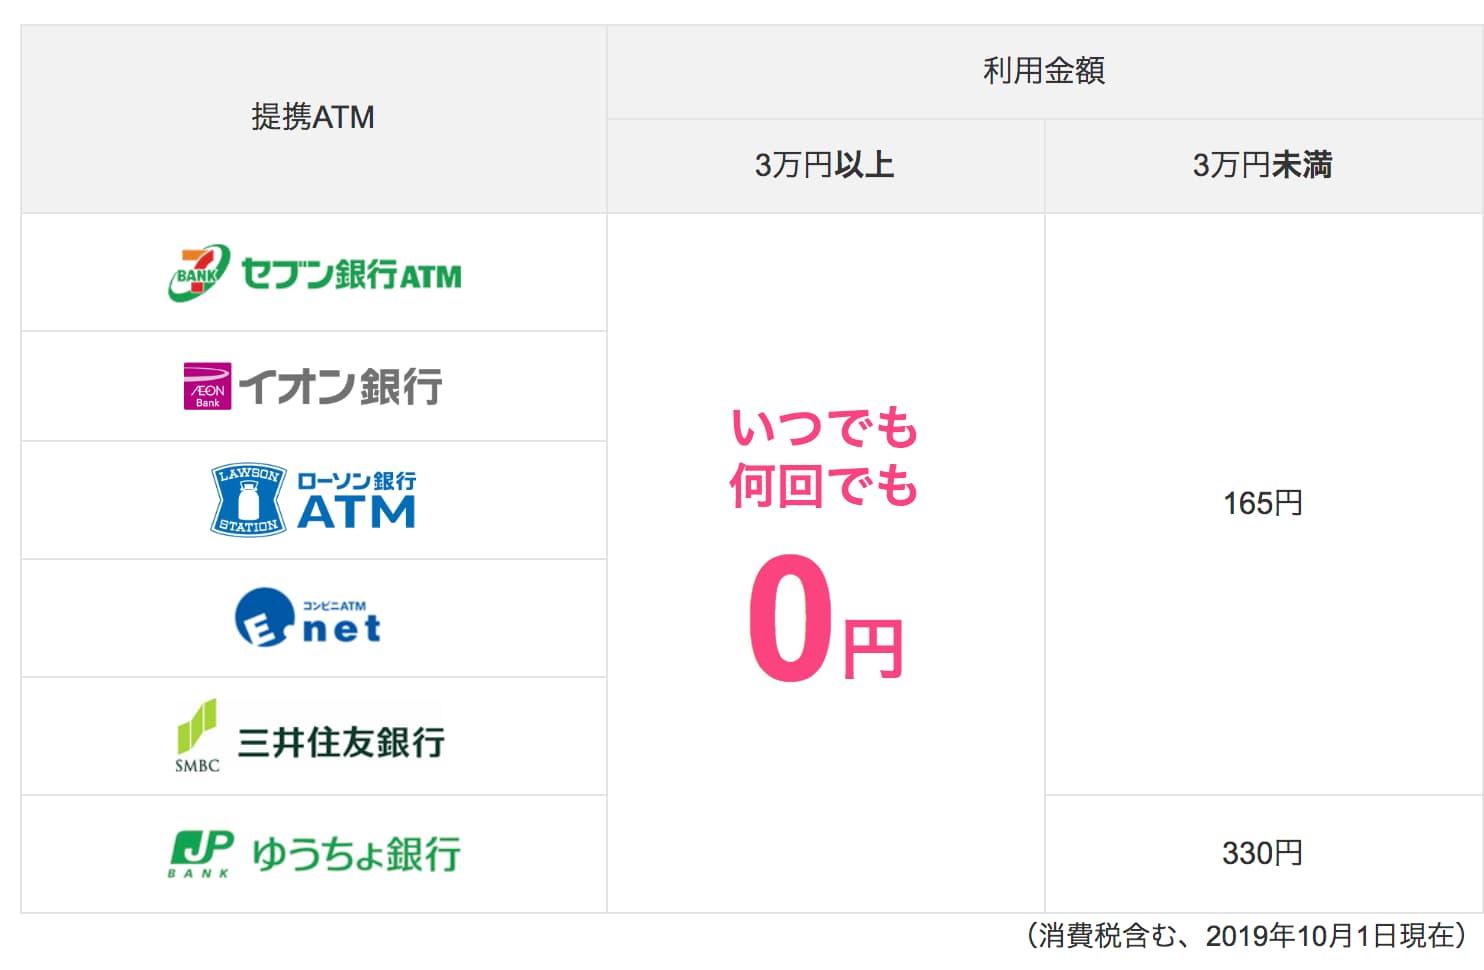 提携ATM利用手数料|ビジネスでのご利用(法人・個人事業主のお客さま)|ジャパンネット銀行 - www.japannetbank.co.jp公式より引用